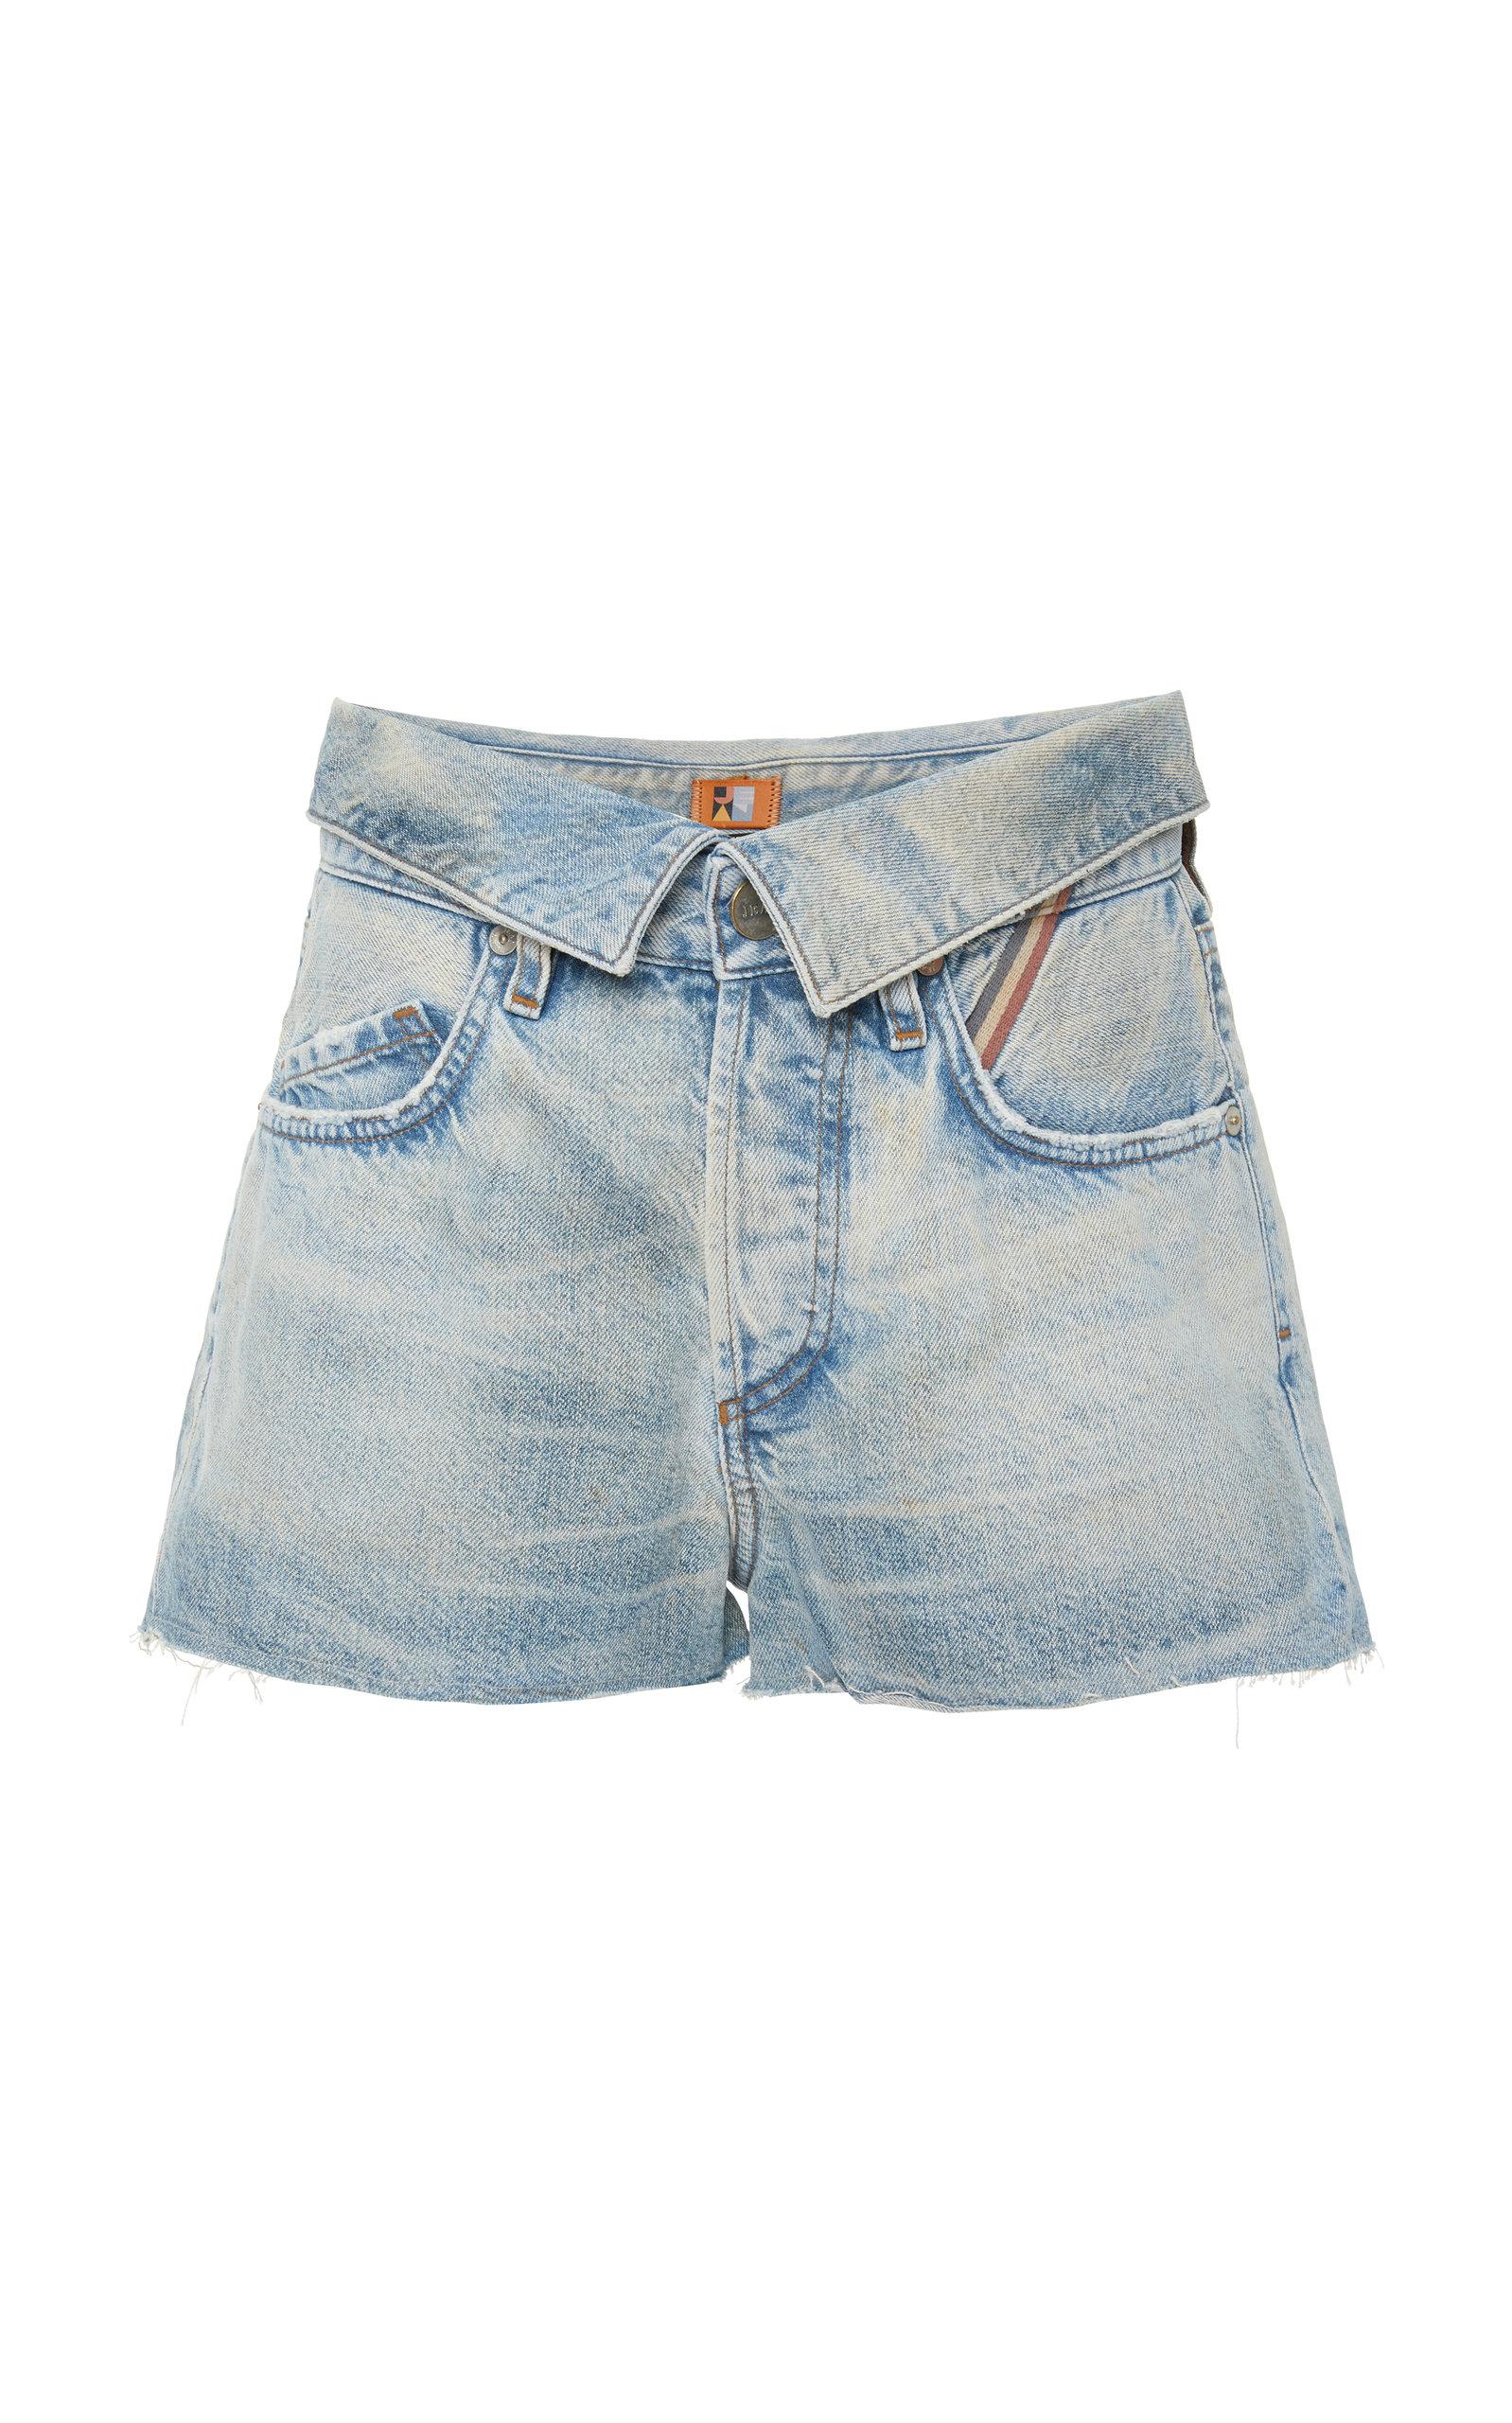 JEAN ATELIER Fold-Over Denim Shorts in Dusty Rose